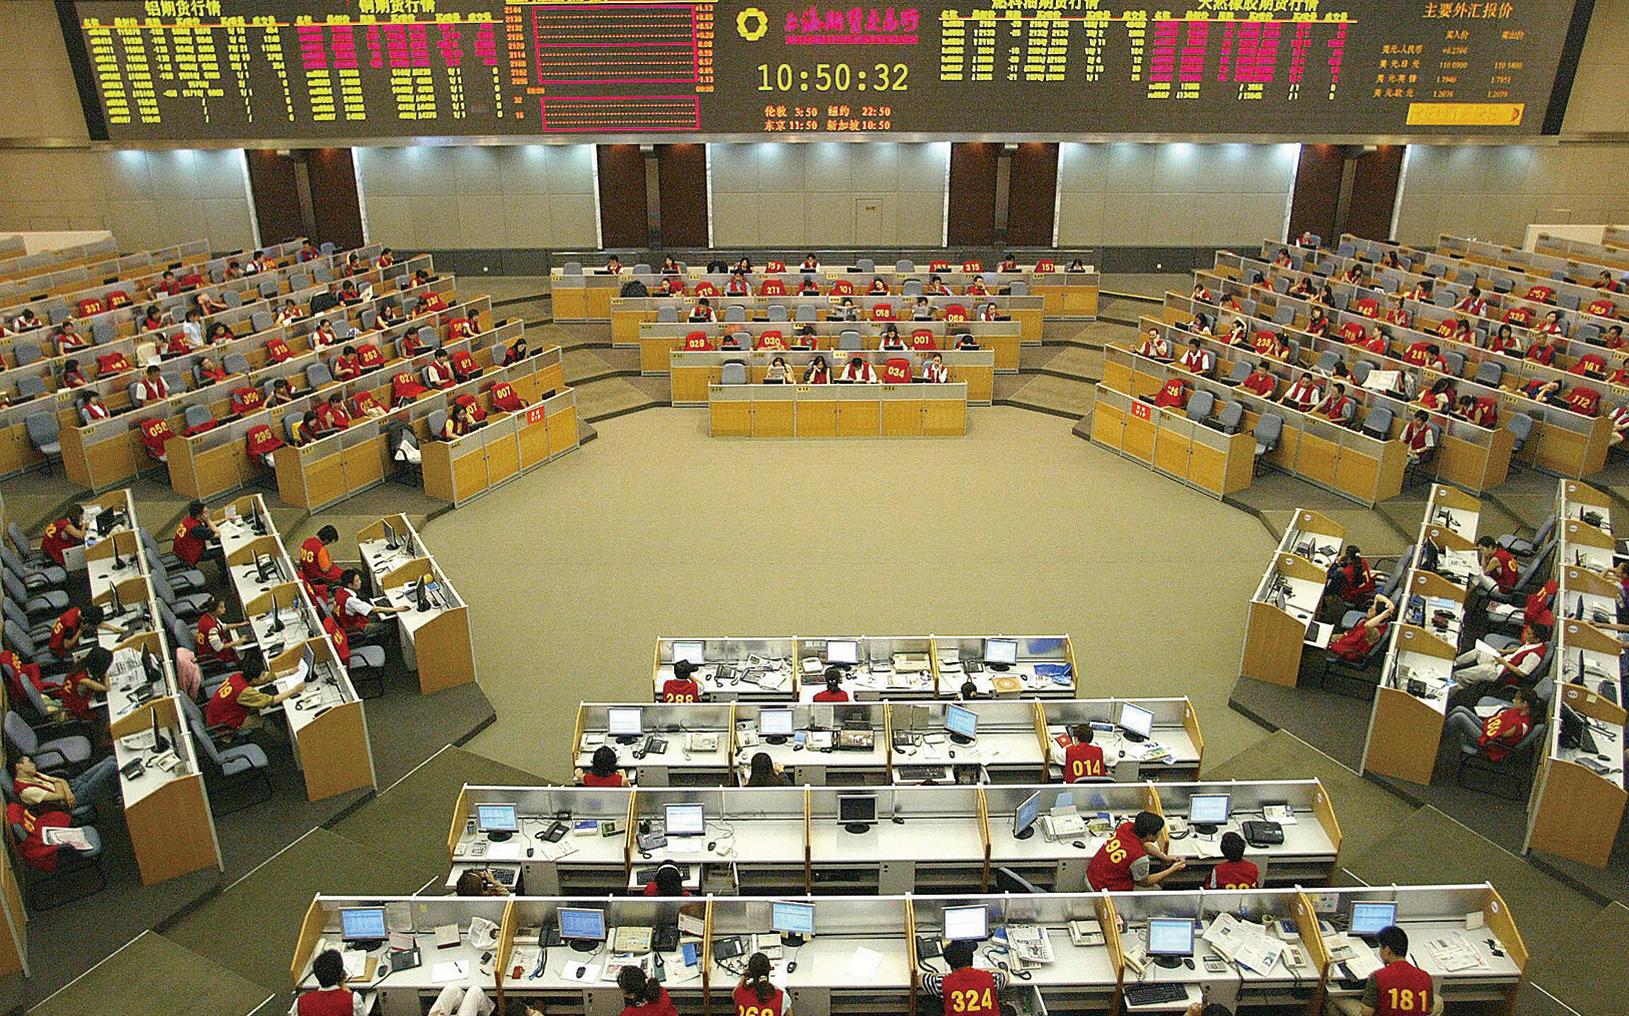 圖為2004年8月26日上海期貨交易所內的一景。(Getty Images)